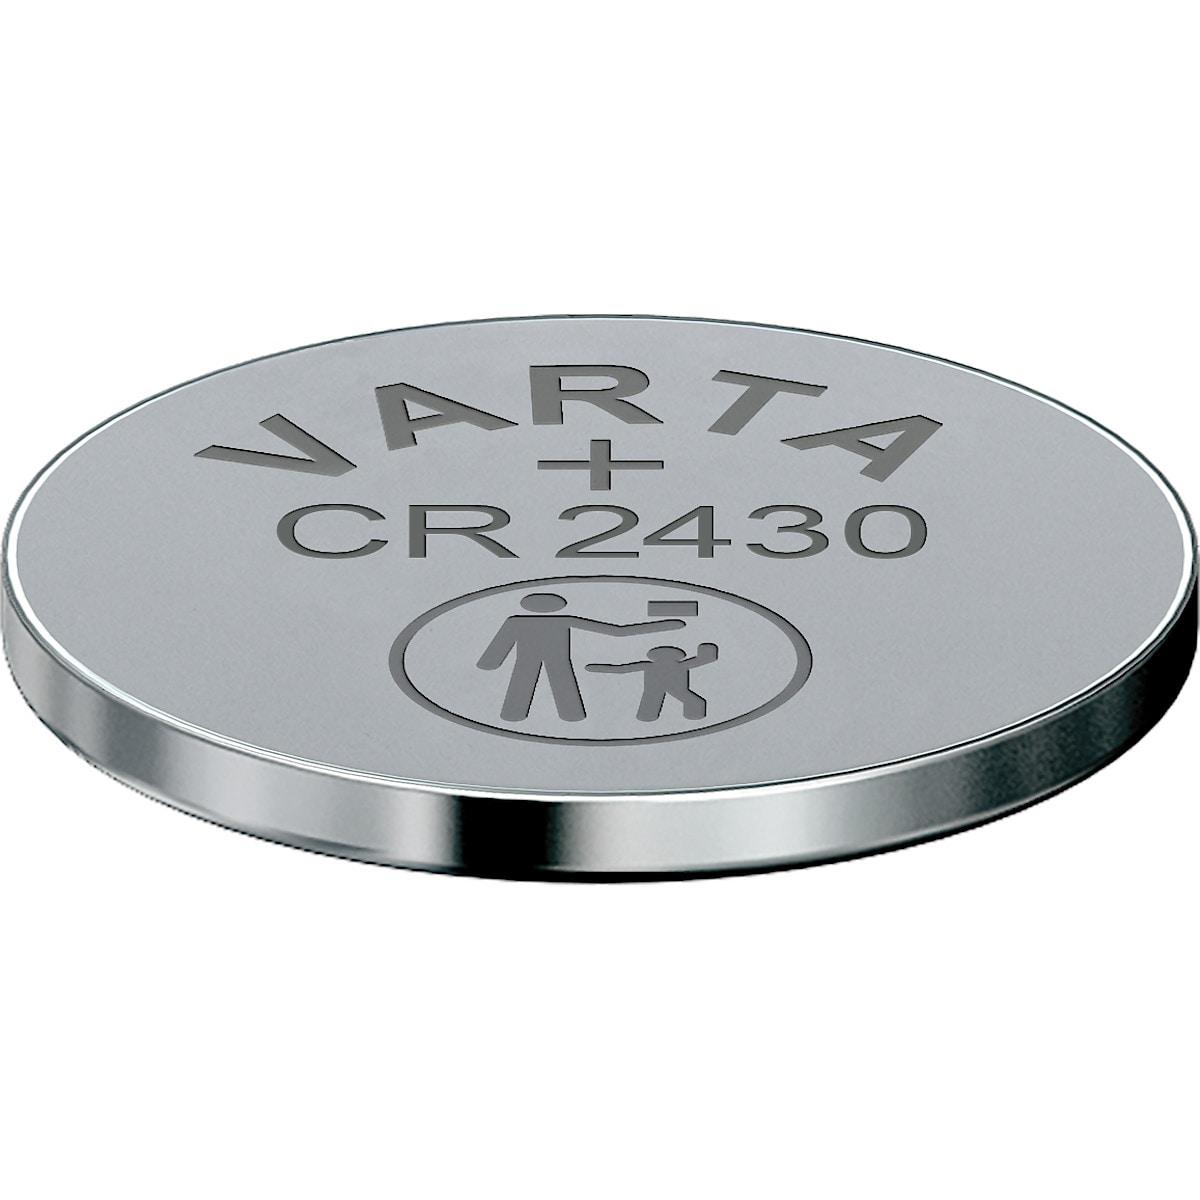 Lithiumbatterie CR2430 VARTA